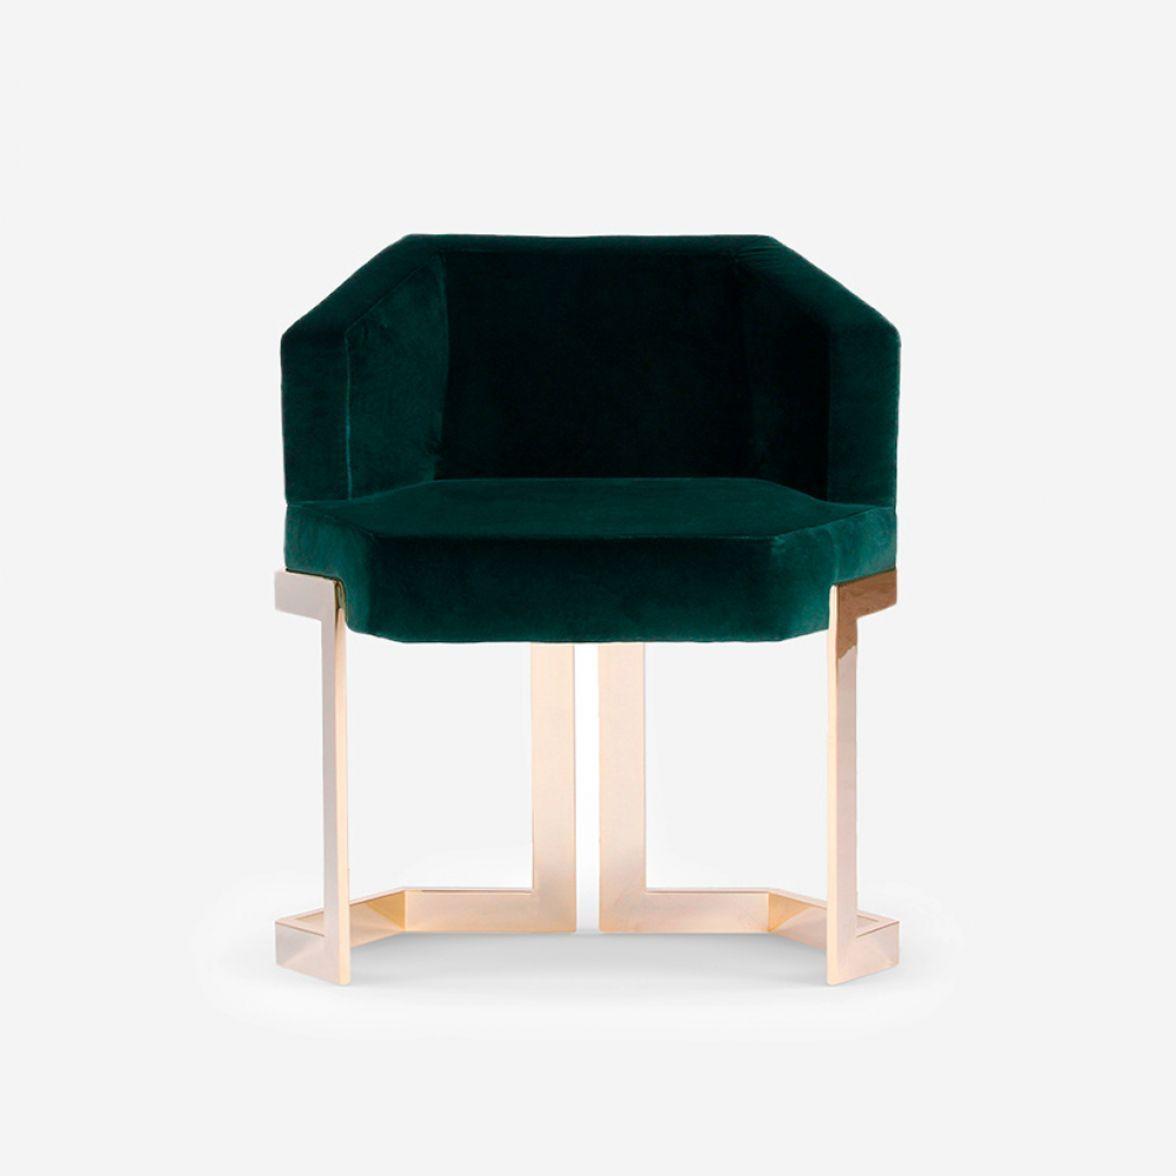 Honeybee metal dining chair